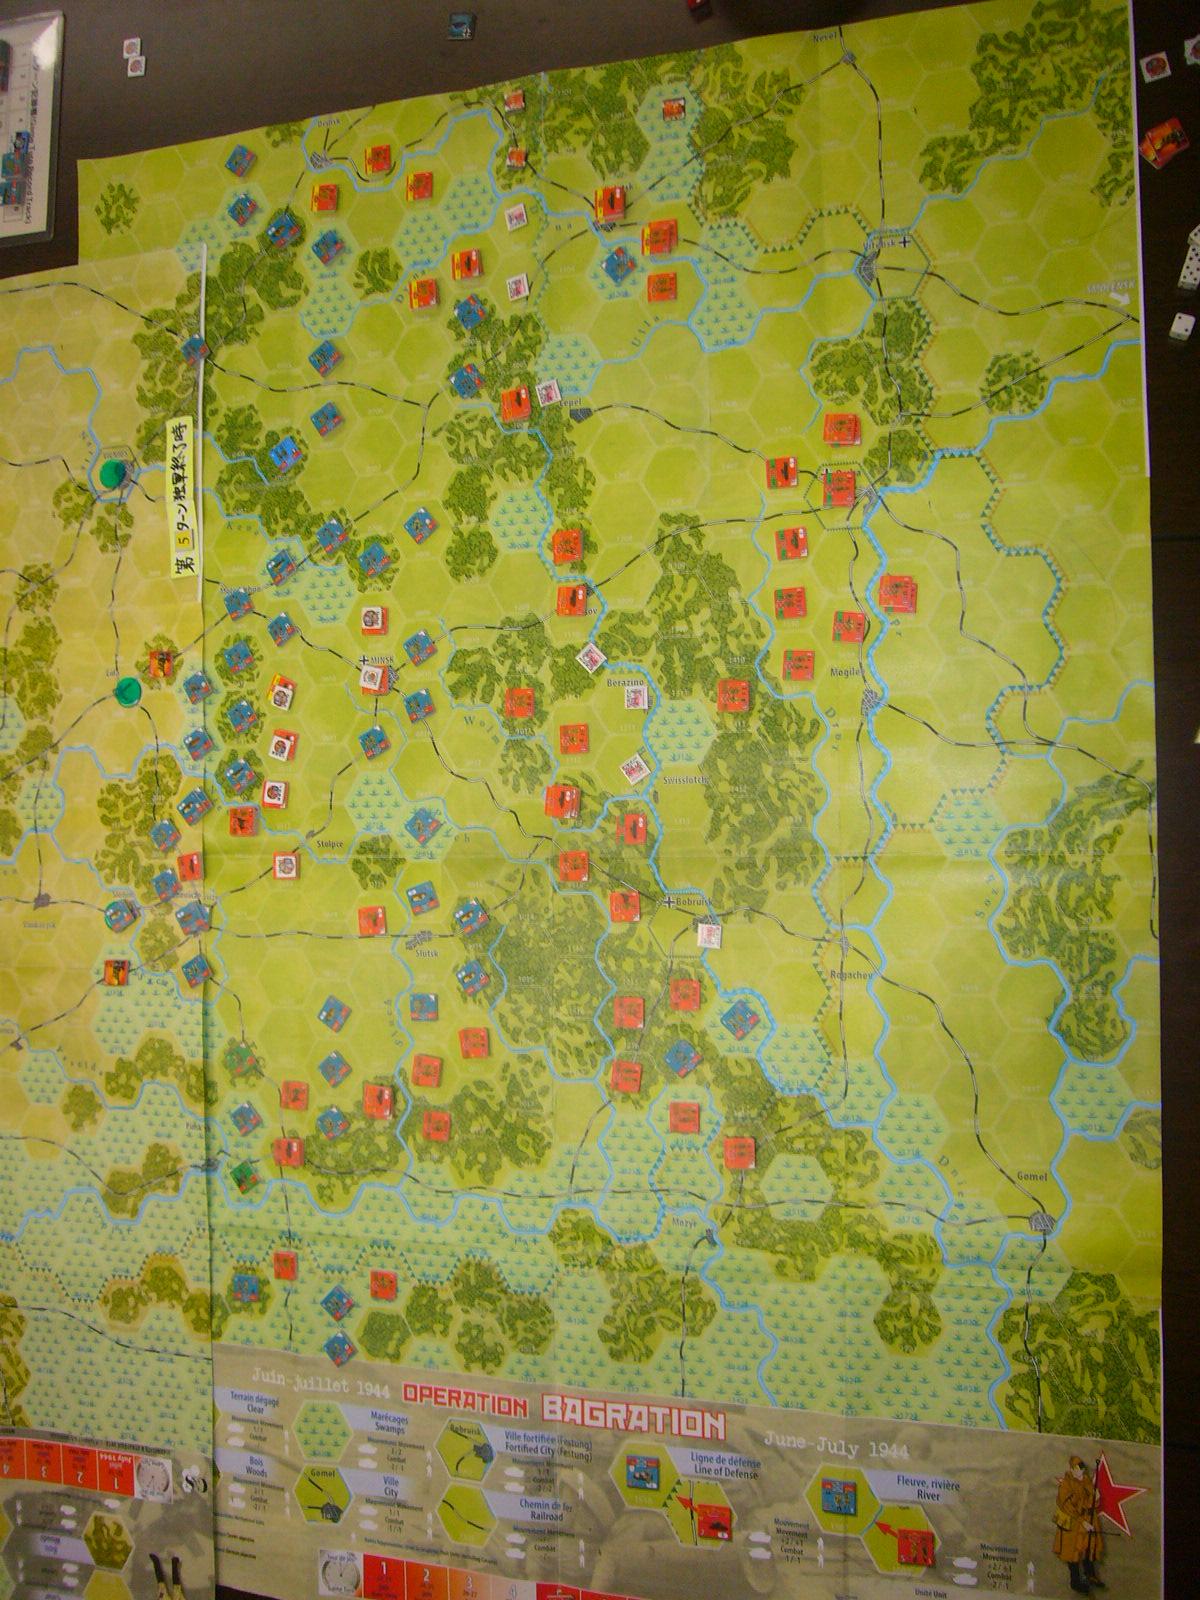 YSGA 9月例会の様子その4(仏C&H社製の東部戦線1944 『バグラチオン作戦』+『ワルシャワ蜂起』)その❷_b0173672_00060616.jpg